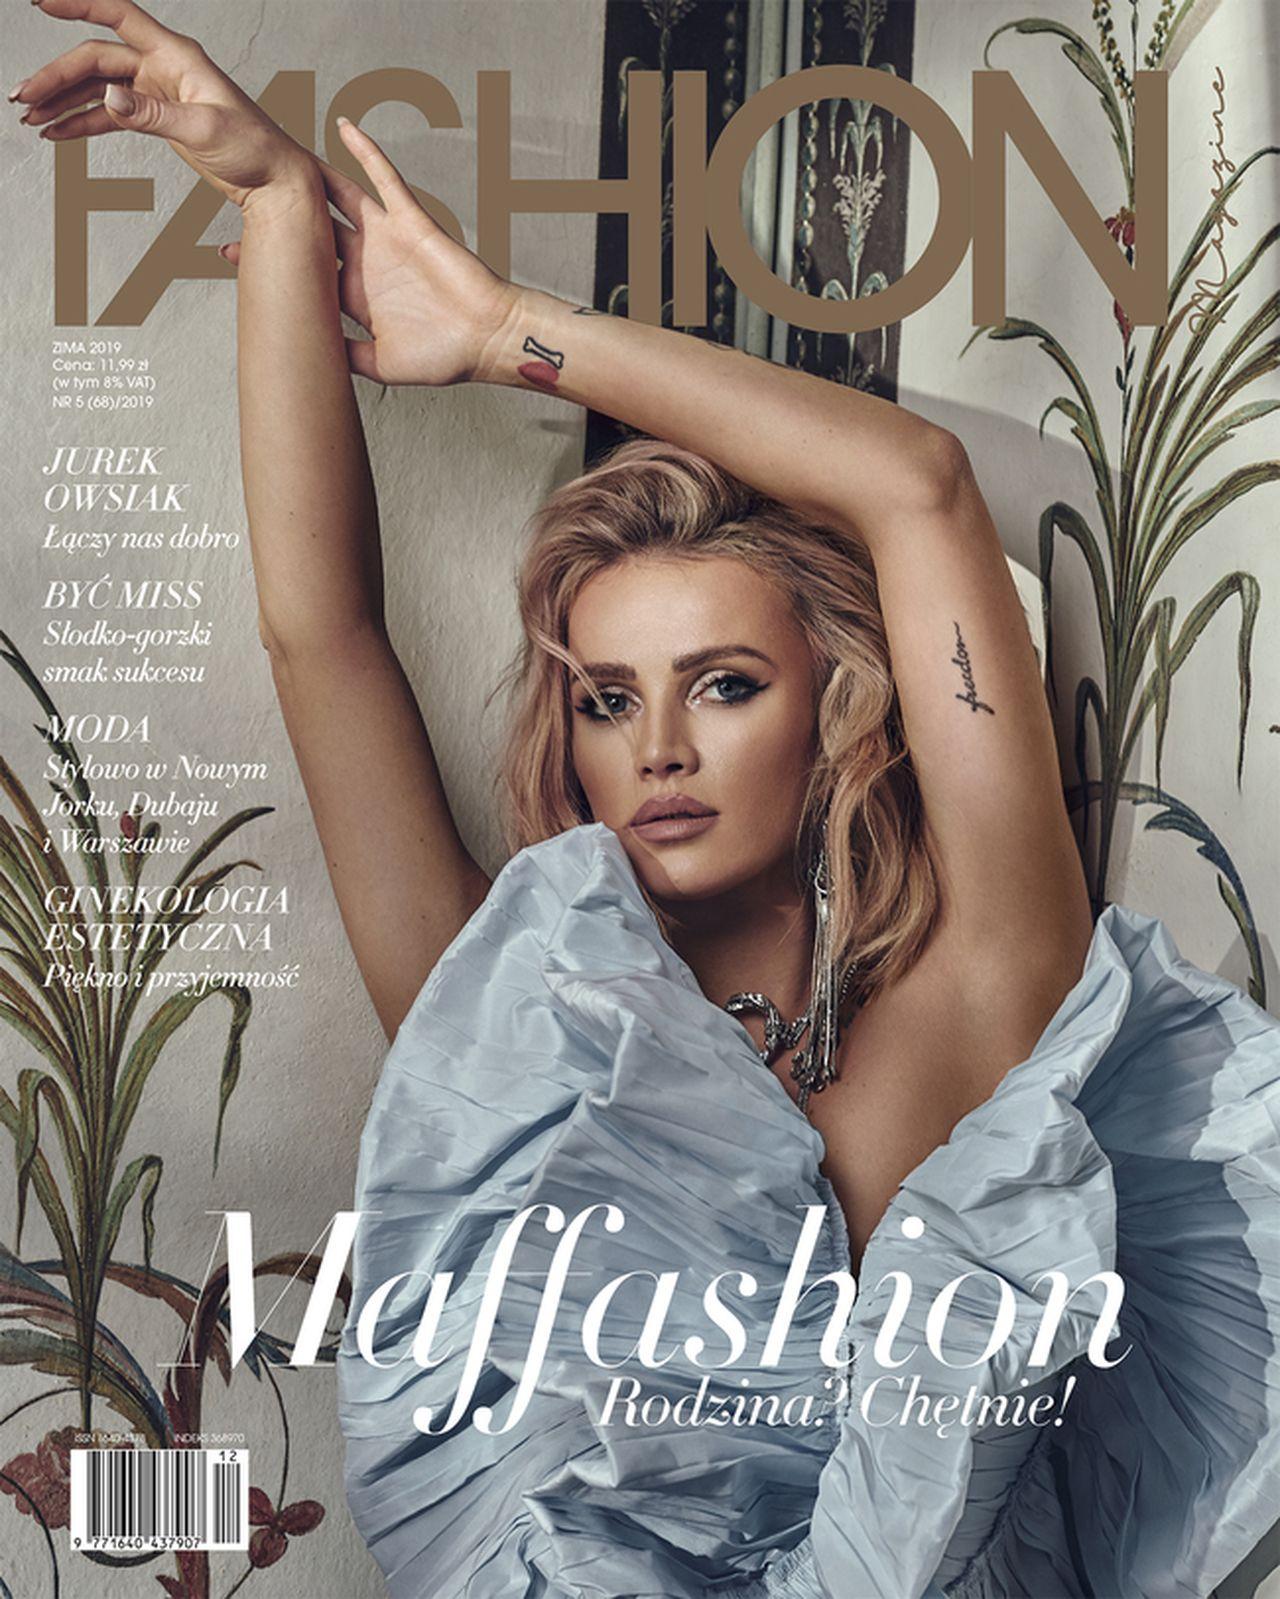 Maffashion w Fashion Magazine zdradziła, że chce mieć TROJE DZIECI (ZDJĘCIA)